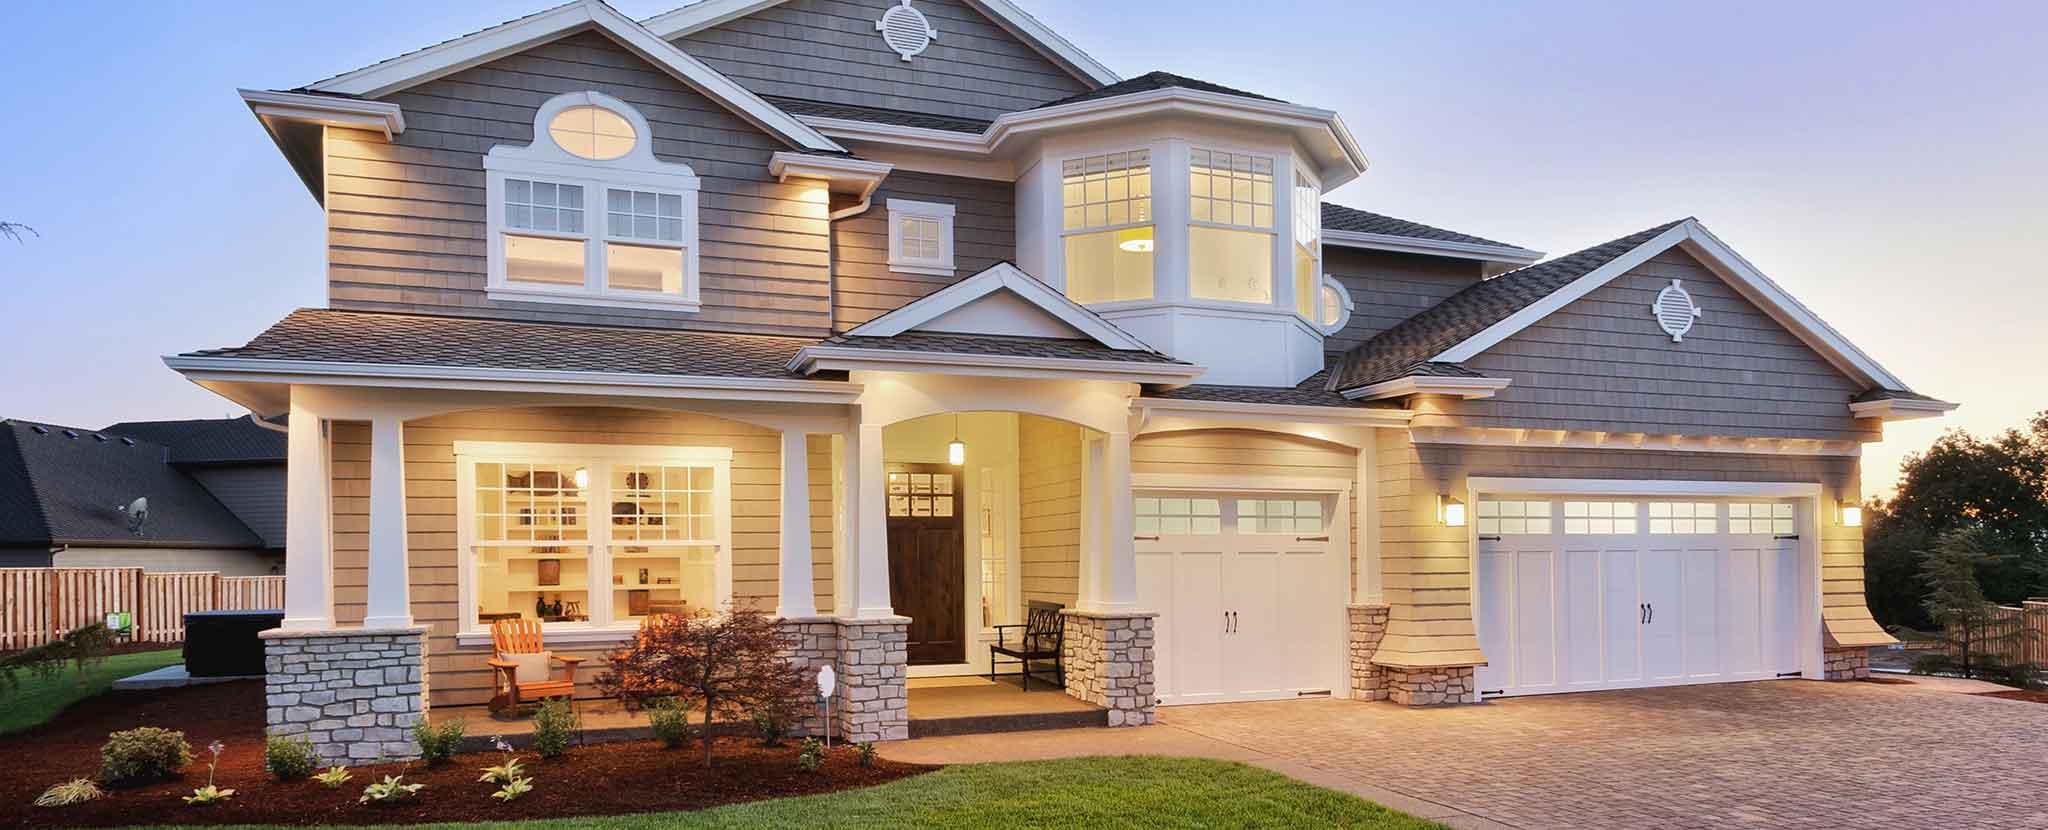 วางแผนในการสร้างบ้านใหม่อย่างไรให้รอบคอบที่สุด